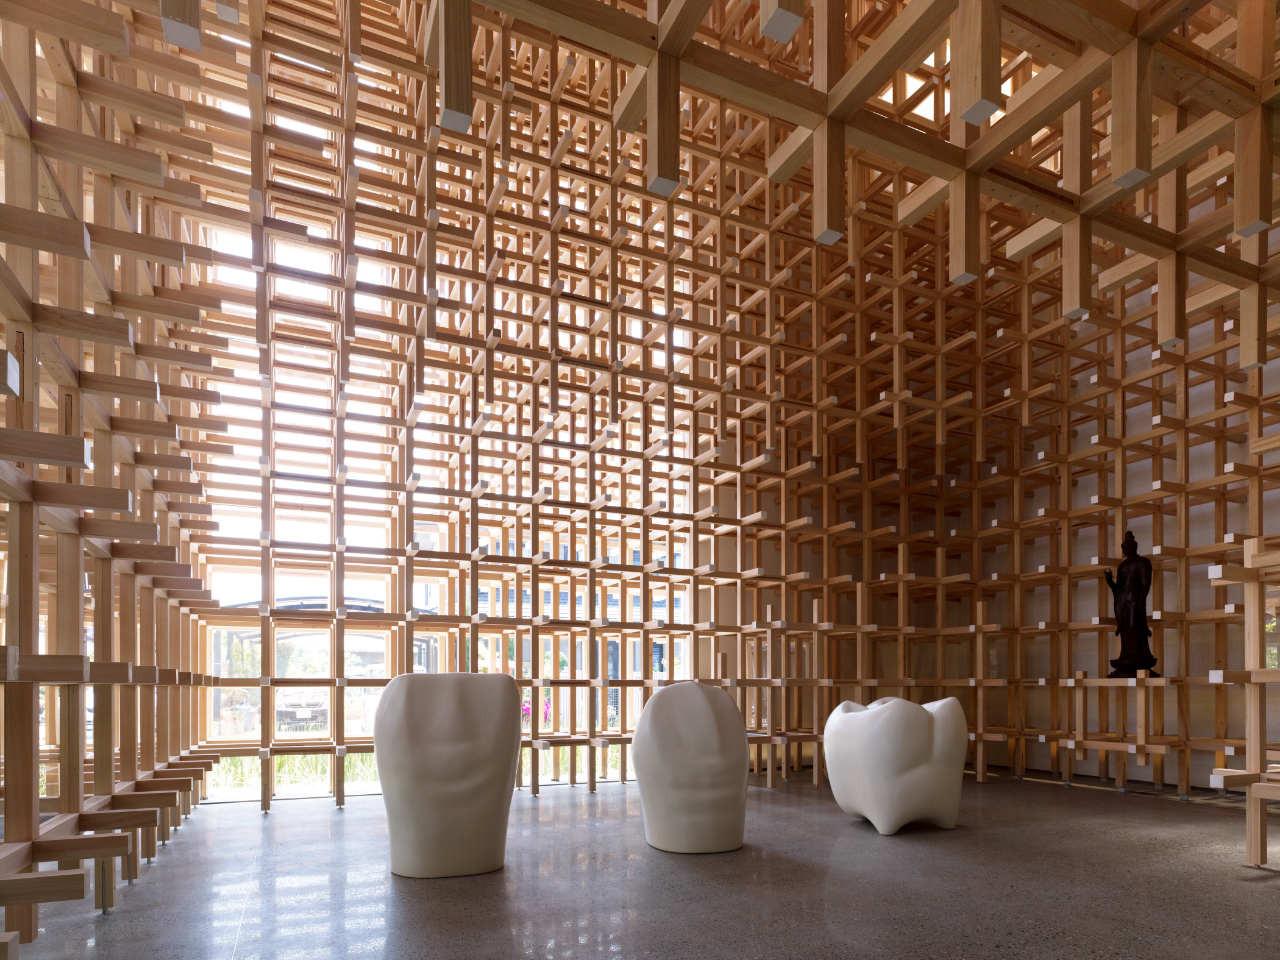 Το ίδιο το ξύλινο πλέγμα της κατασκευής χρησιμοποιείται και ως βάση για τα εκθέματα του Μουσείου. Η ιδέα του αρχιτέκτονα ήταν να μπορούμε να δημιουργούμε ένα δικό μας σύμπαν με τα χέρια μας όπως με τα παιχνίδια, σε μία εποχή που κυριαρχούν οι μηχανές